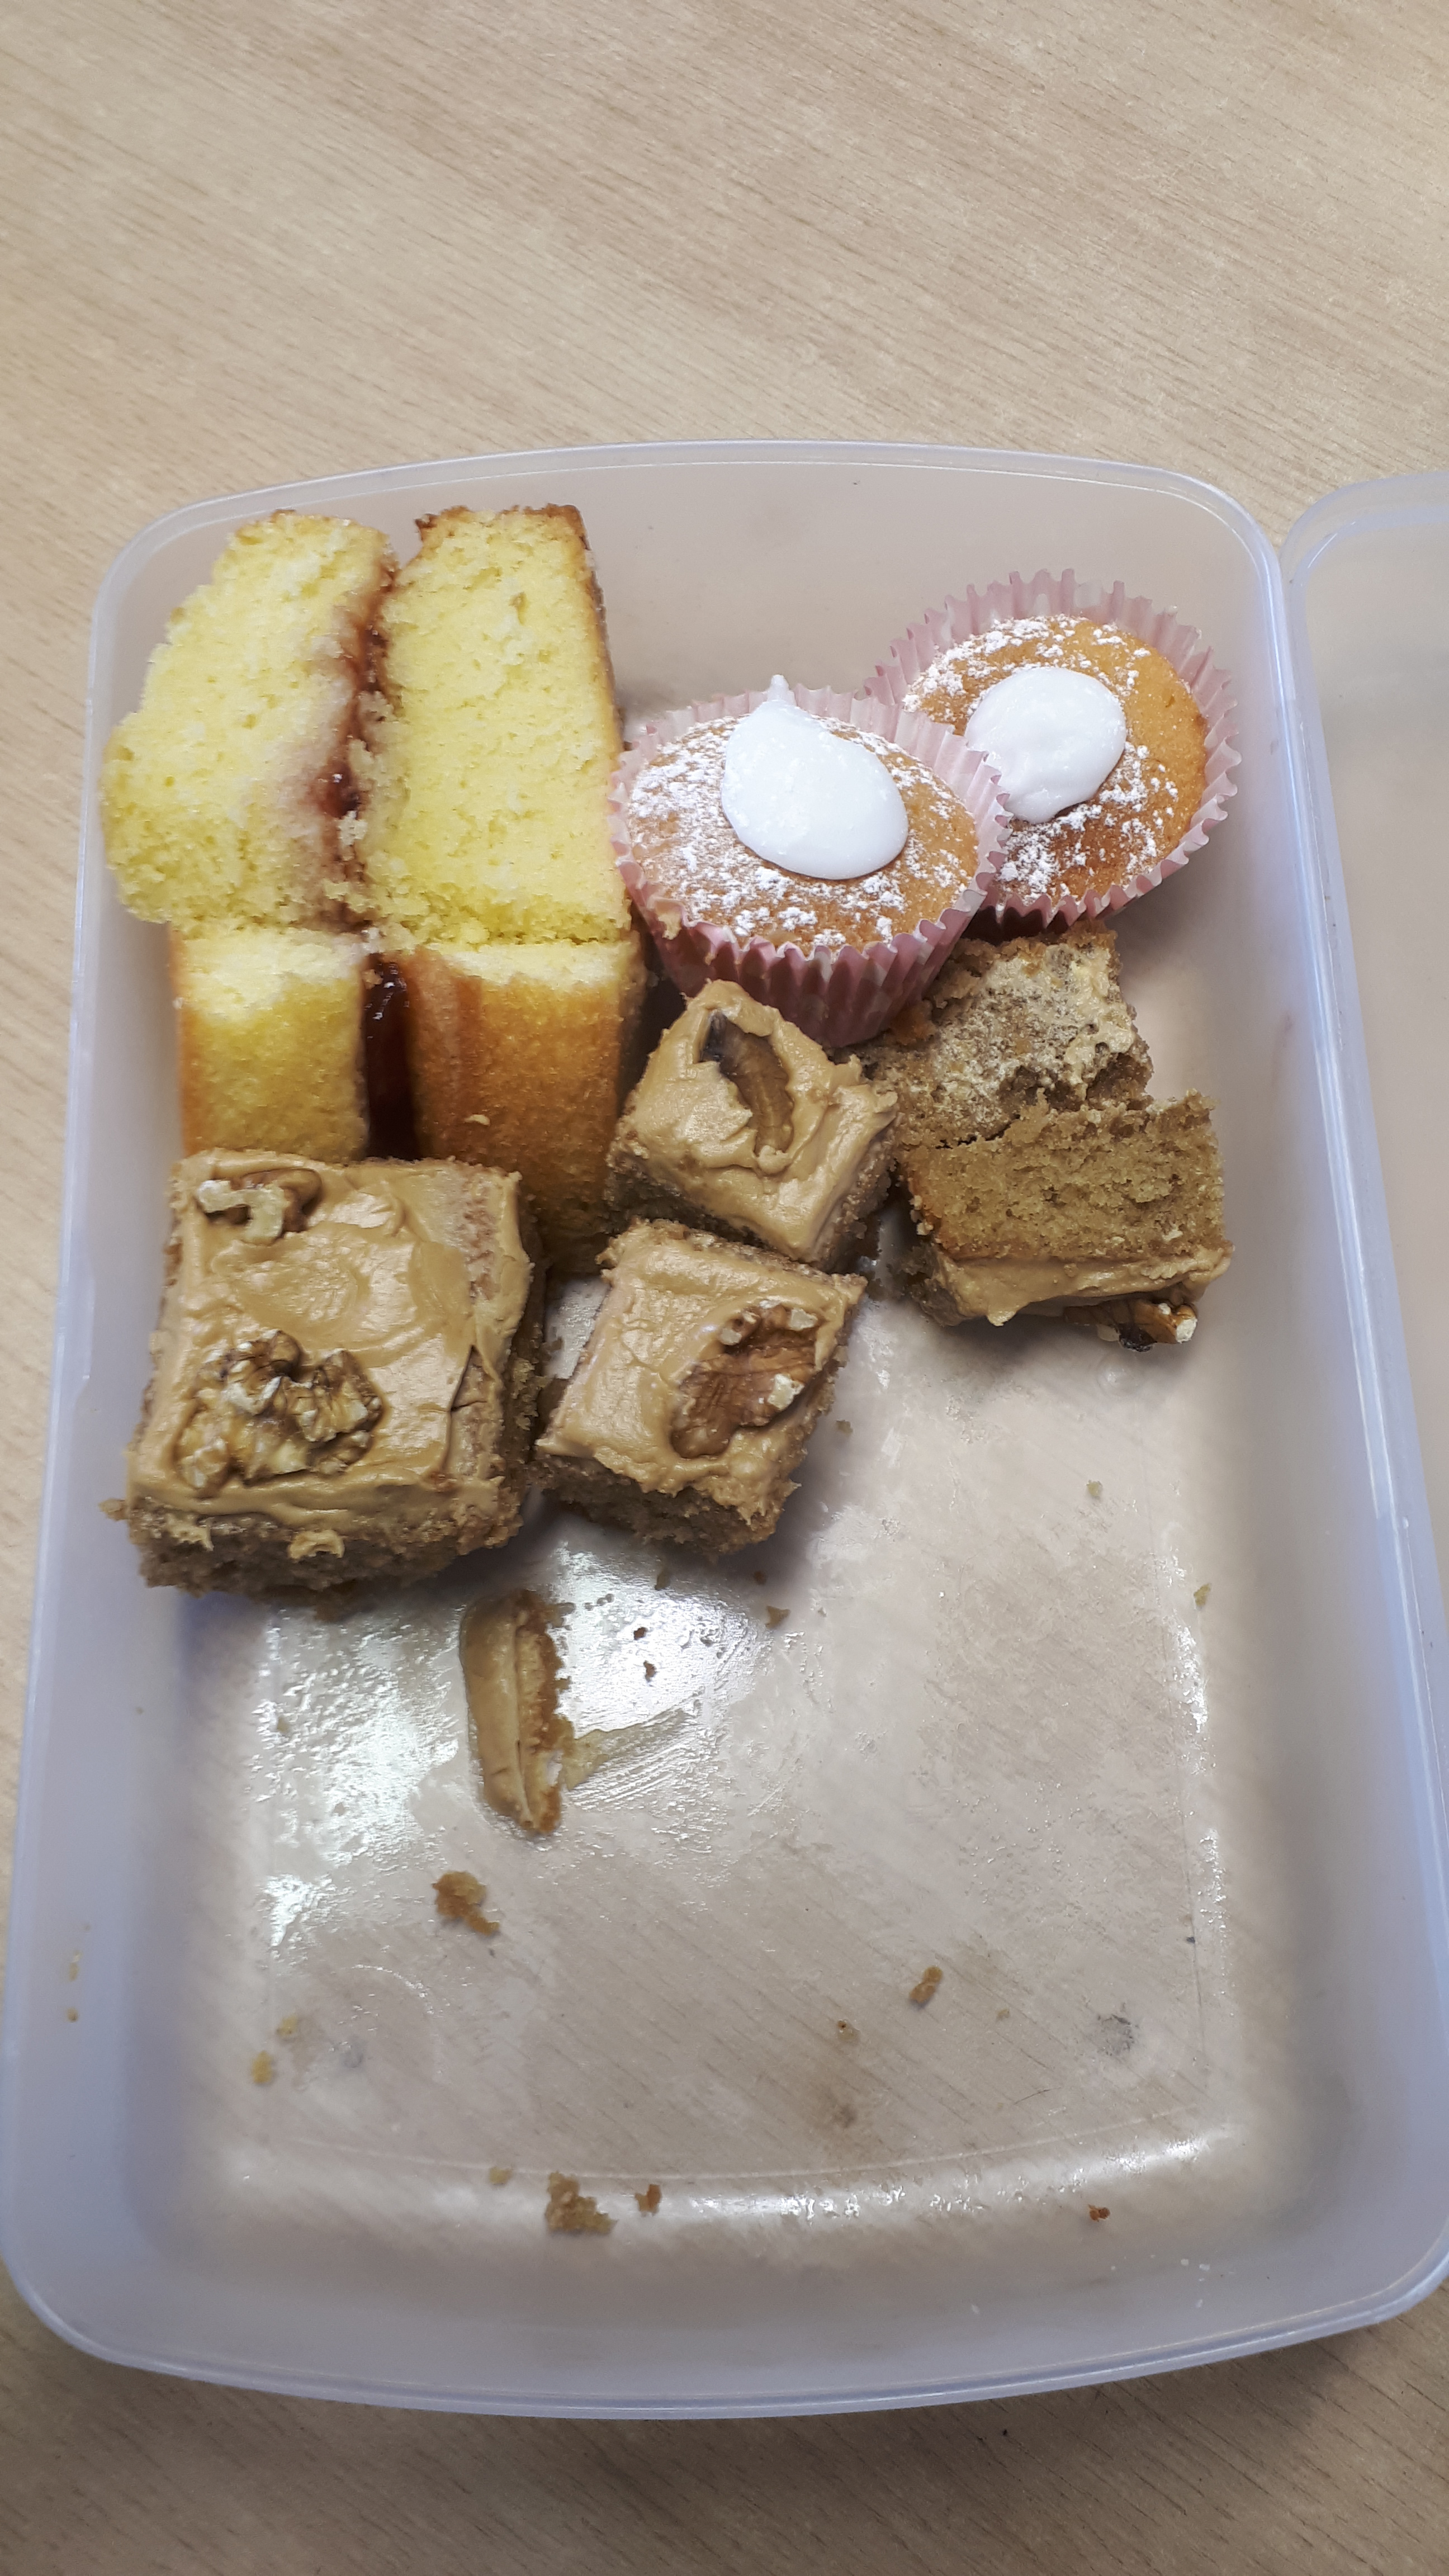 Alison's cakes